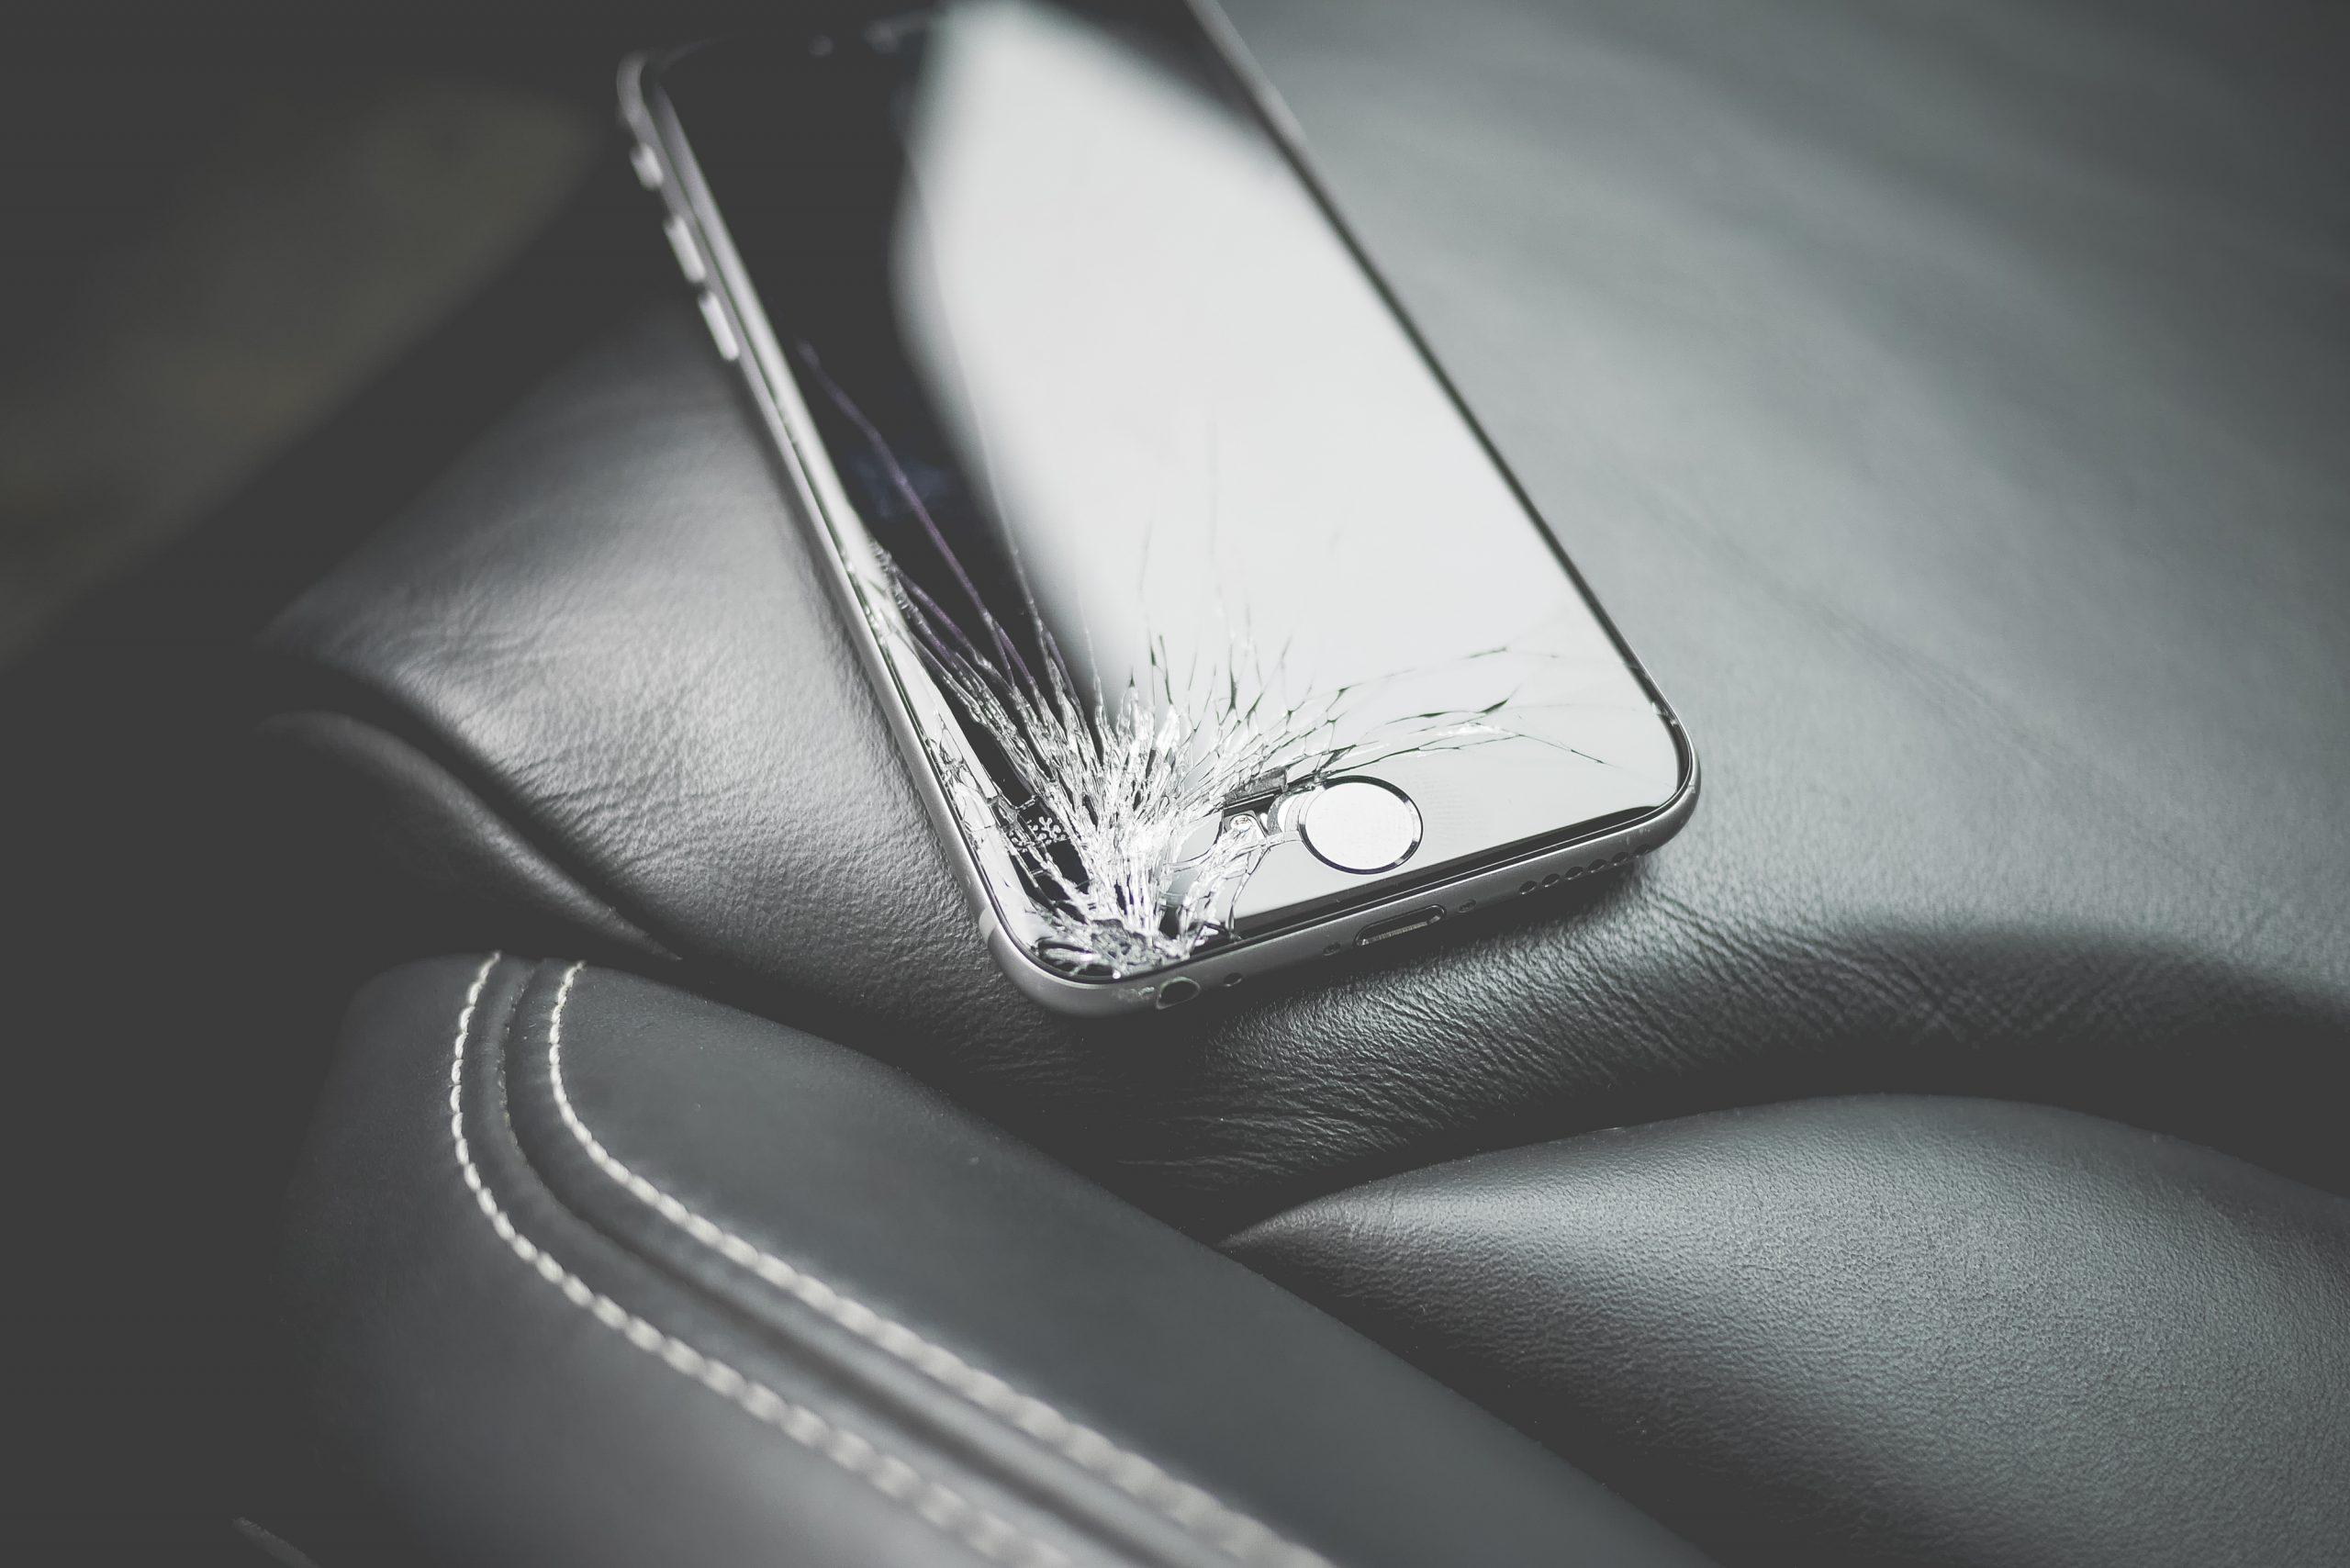 réparateur smartphone en entreprise